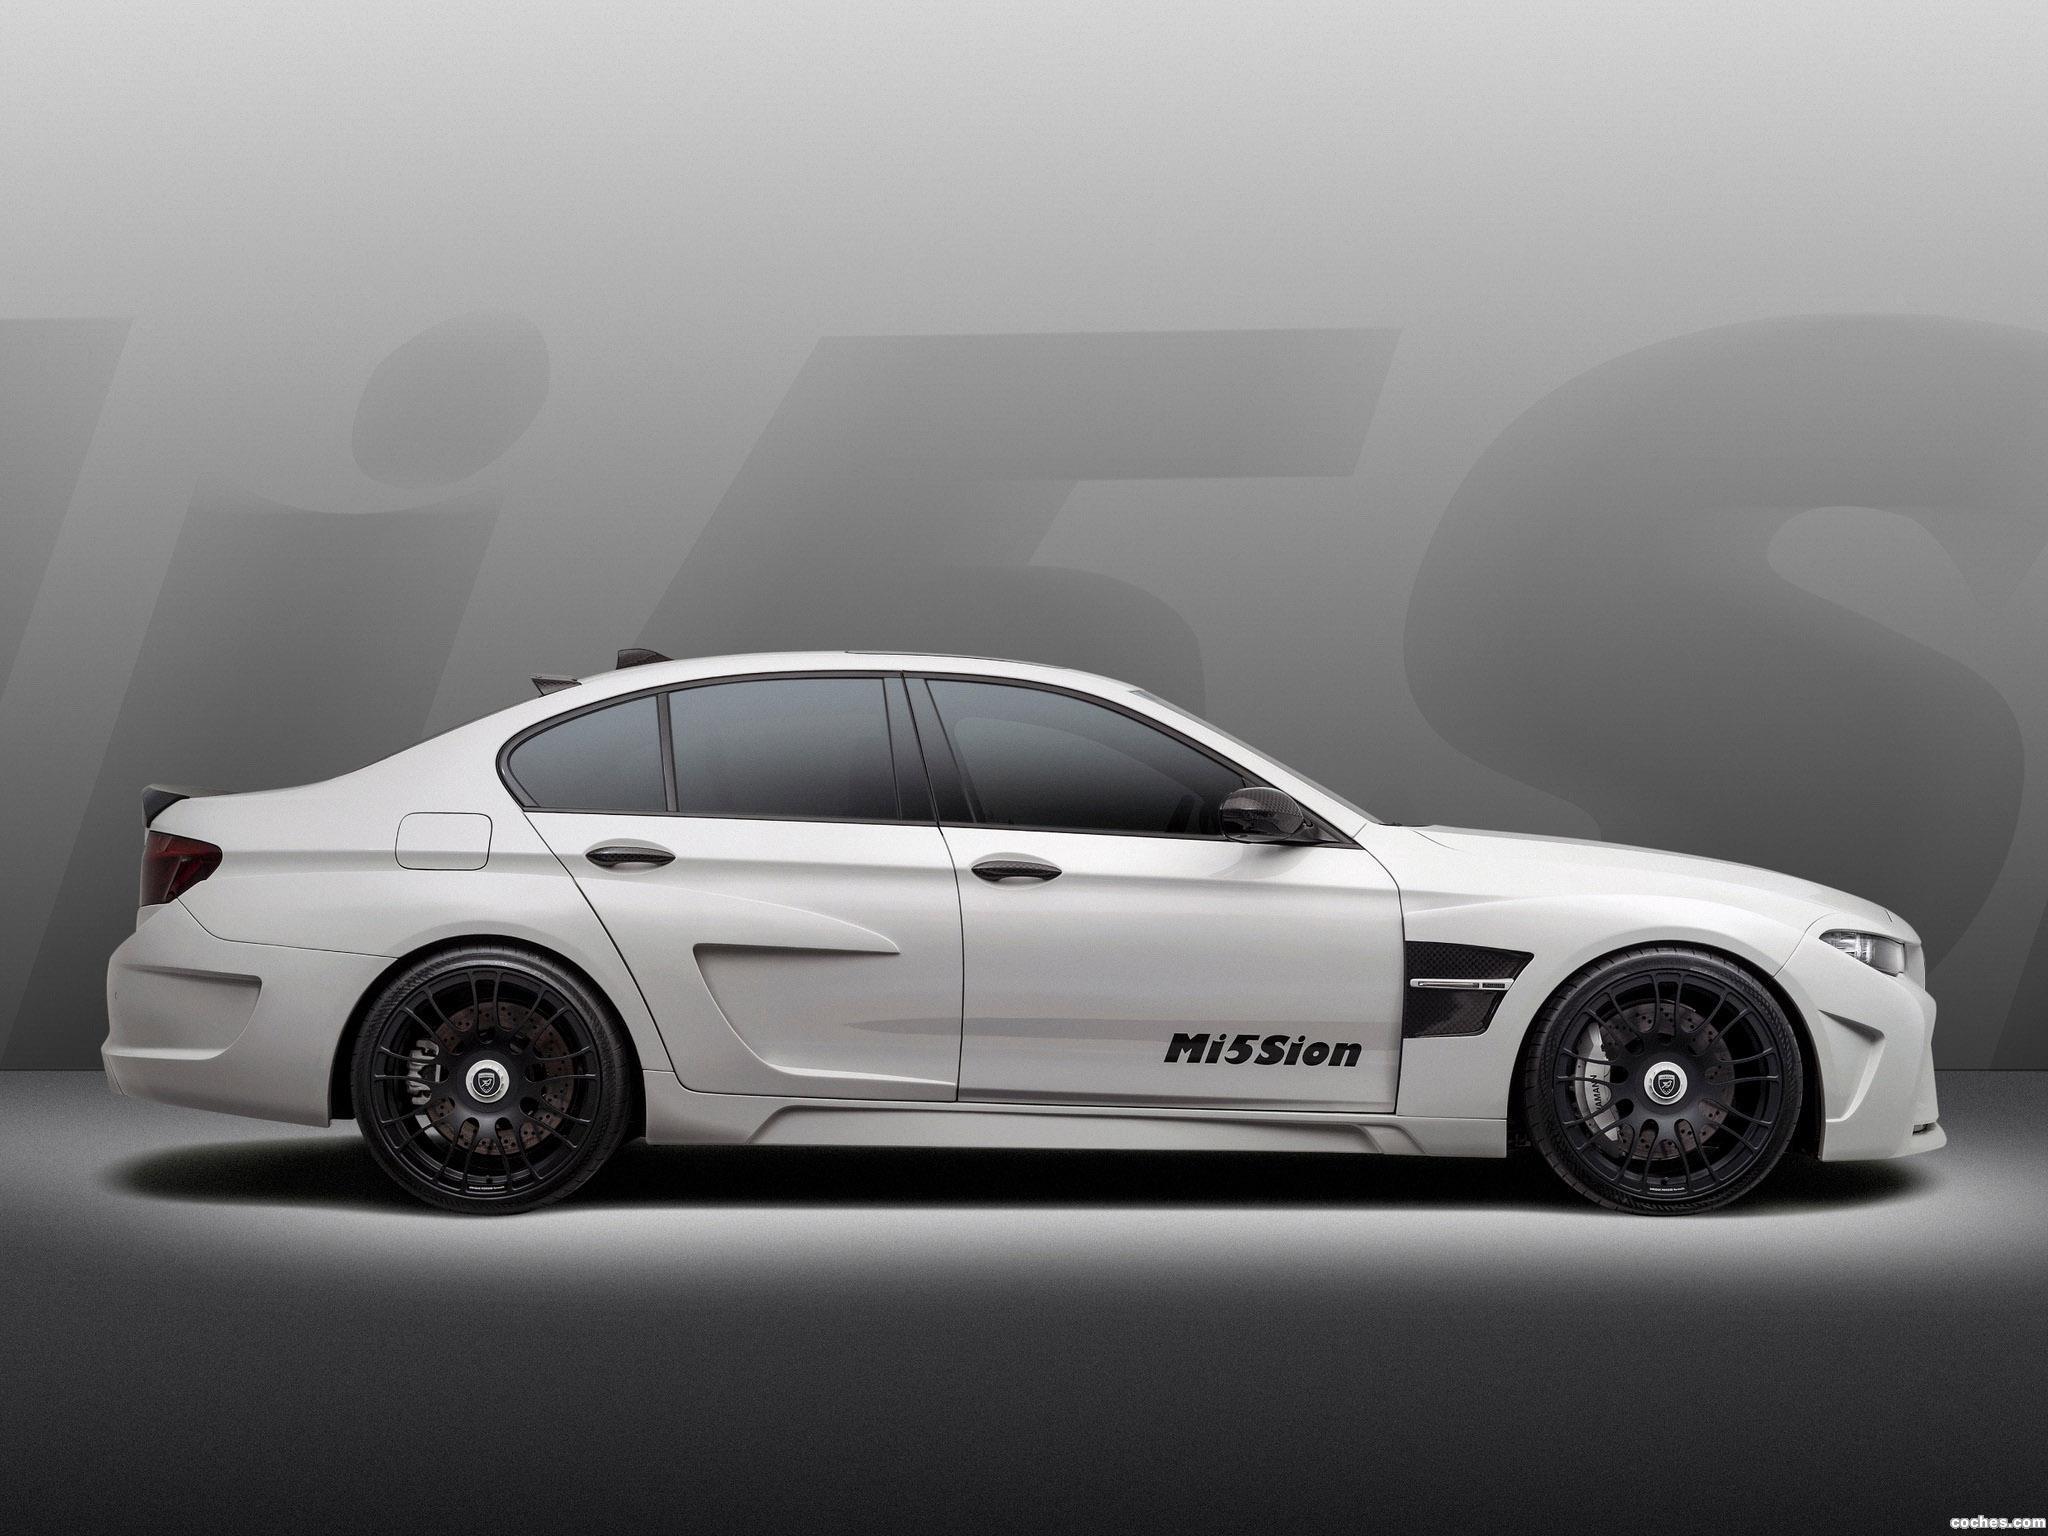 Foto 3 de Hamann BMW M5 Mission F10 2013